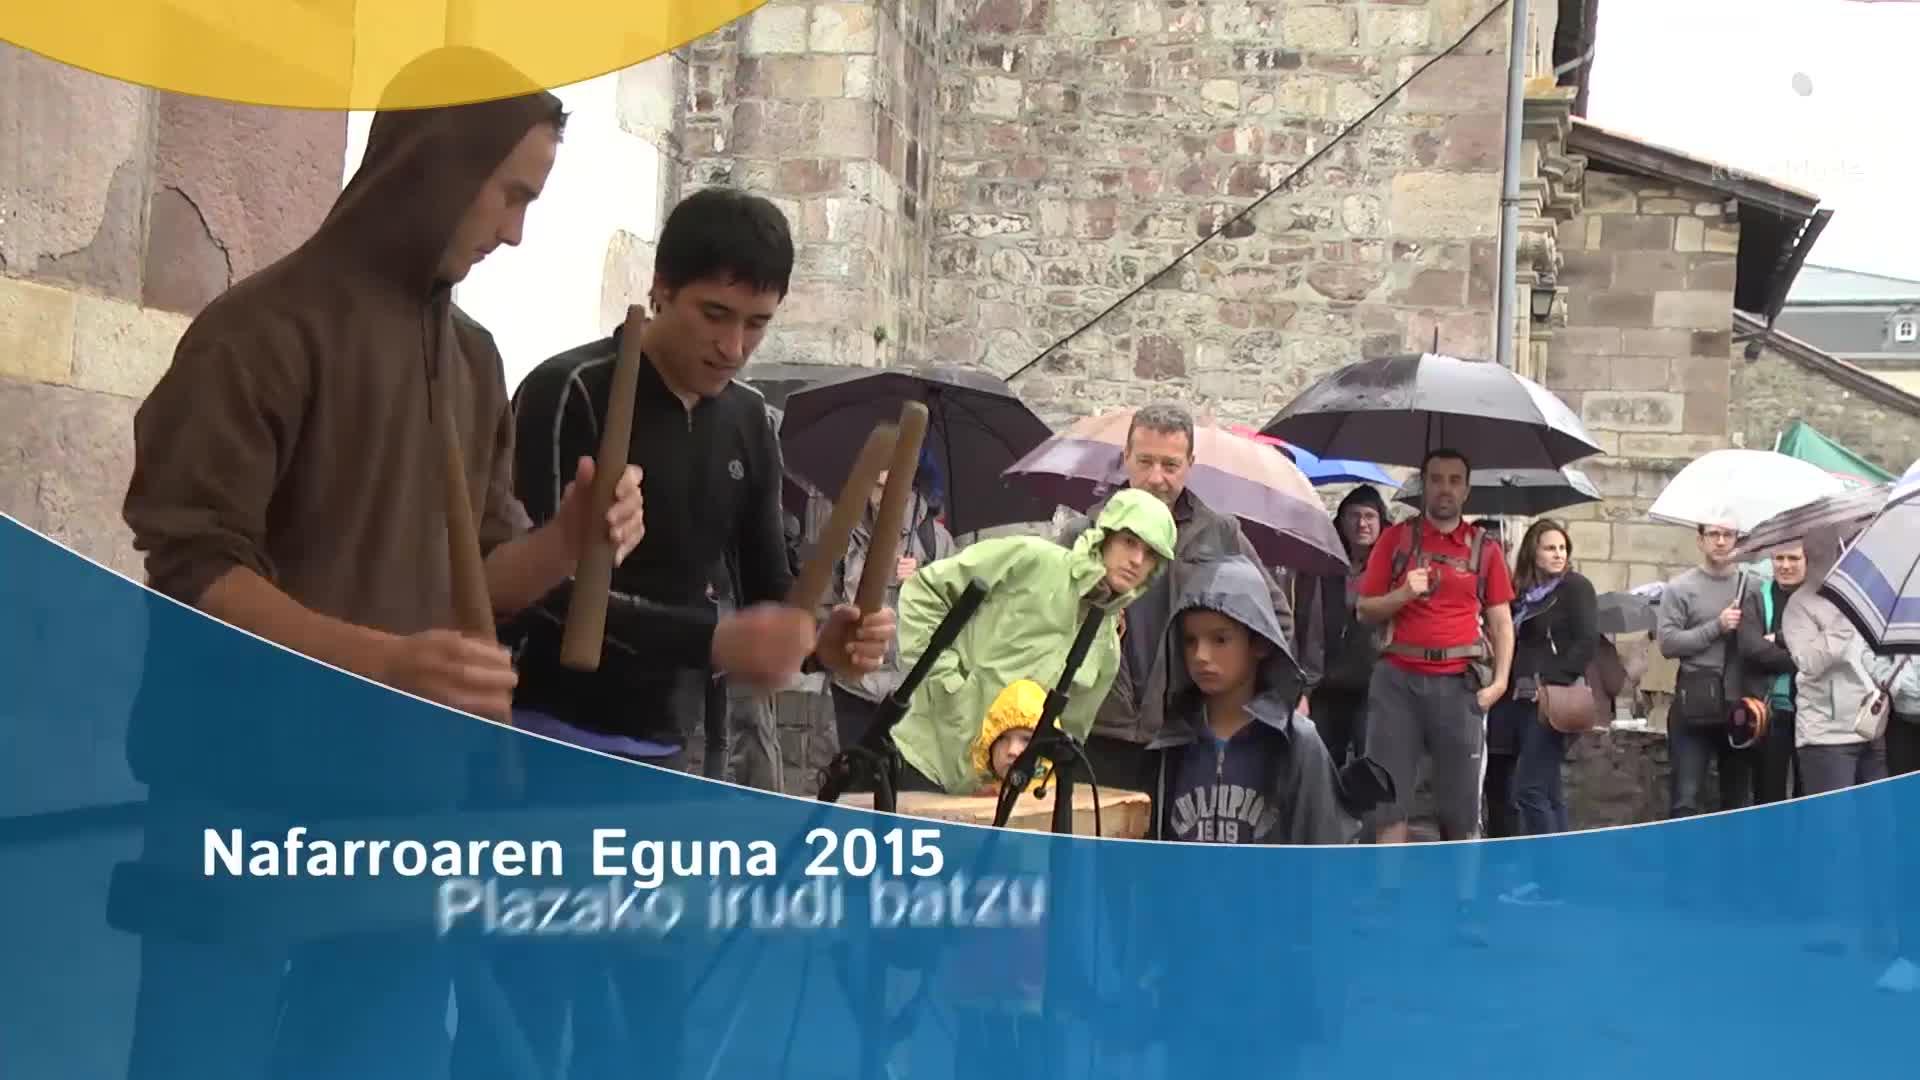 Nafarroaren Eguna 2015: Plazako irudi batzu